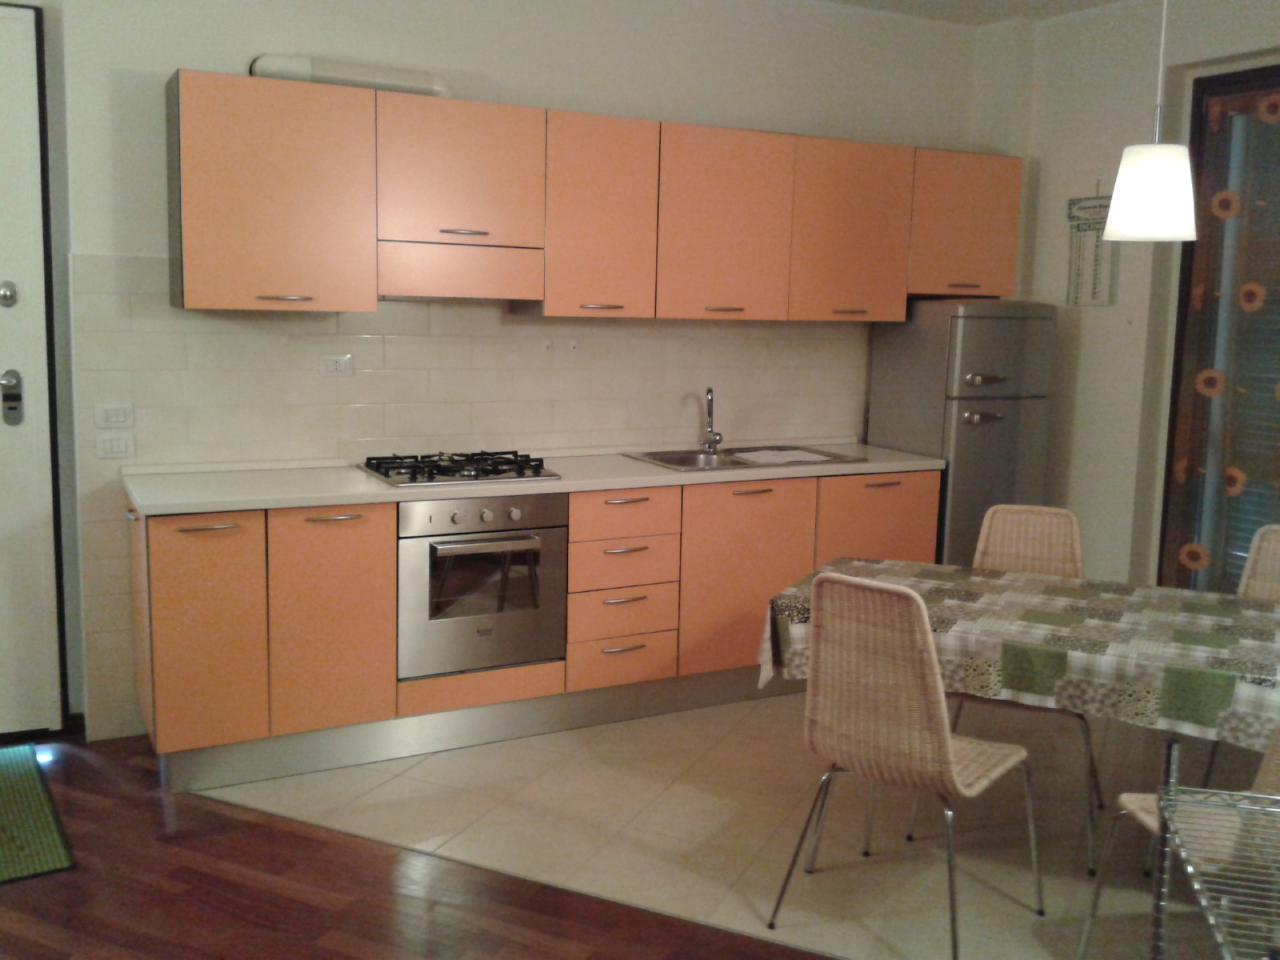 Appartamento in affitto a Fabriano, 3 locali, zona Località: SERRALOGGIA, prezzo € 520 | Cambio Casa.it